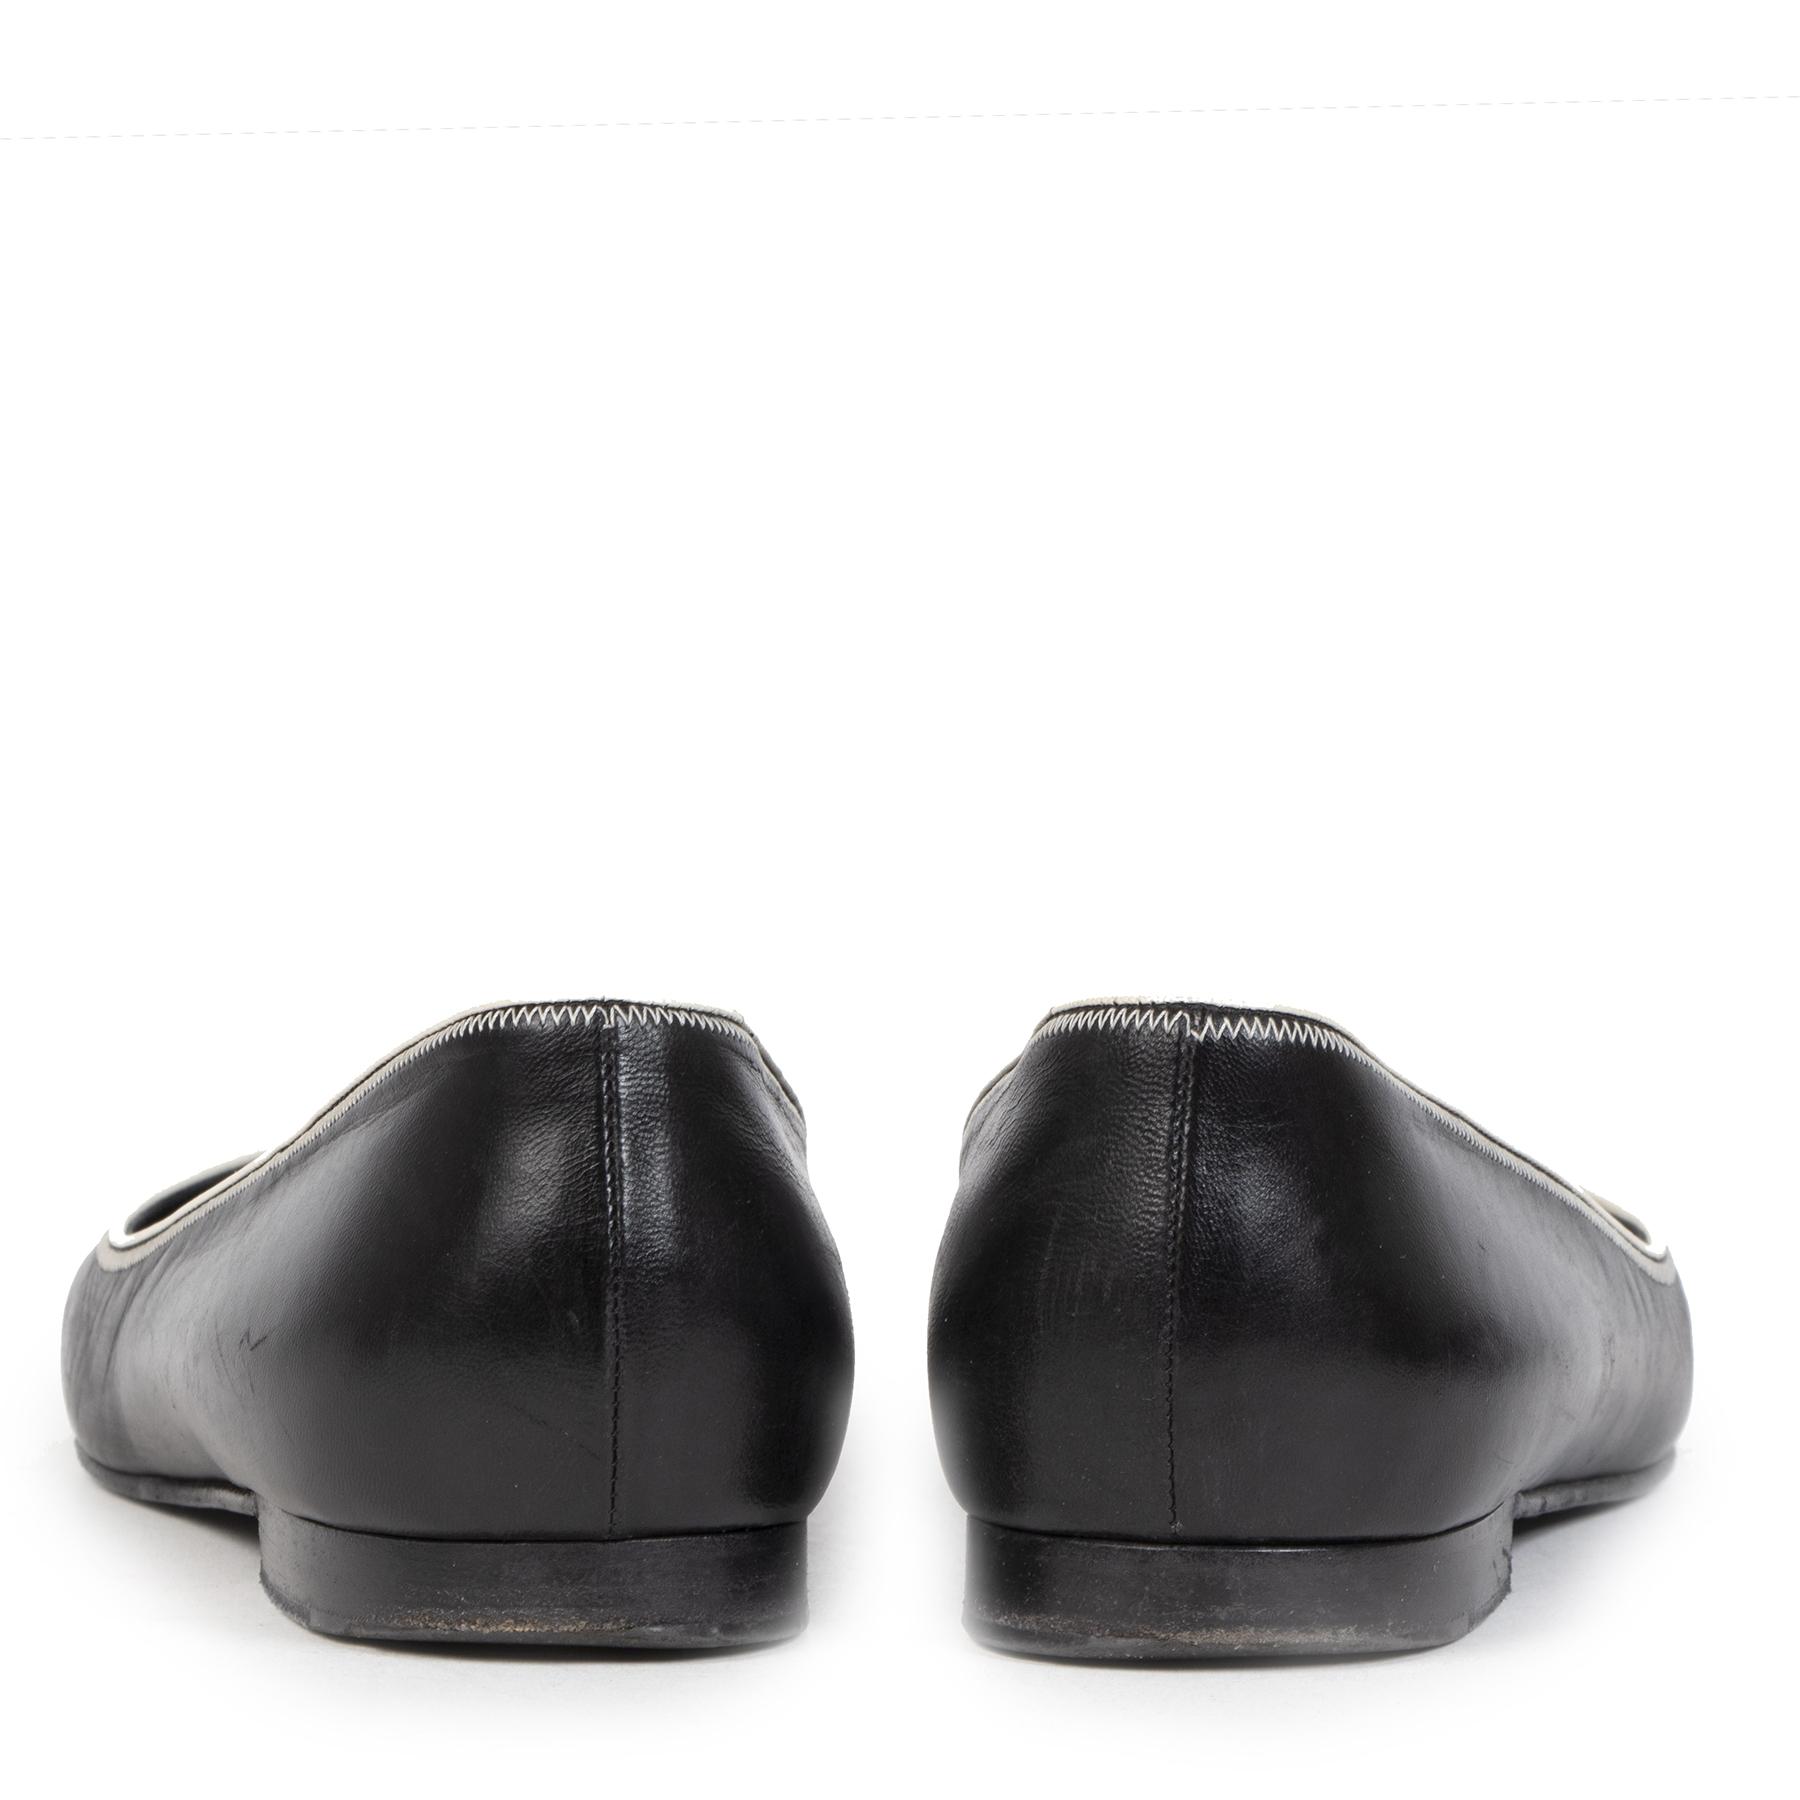 Authentieke Tweedehands Chanel Black & White Trim Leather Ballerina Flats - Size 39,5 juiste prijs veilig online shoppen luxe merken webshop winkelen Antwerpen België